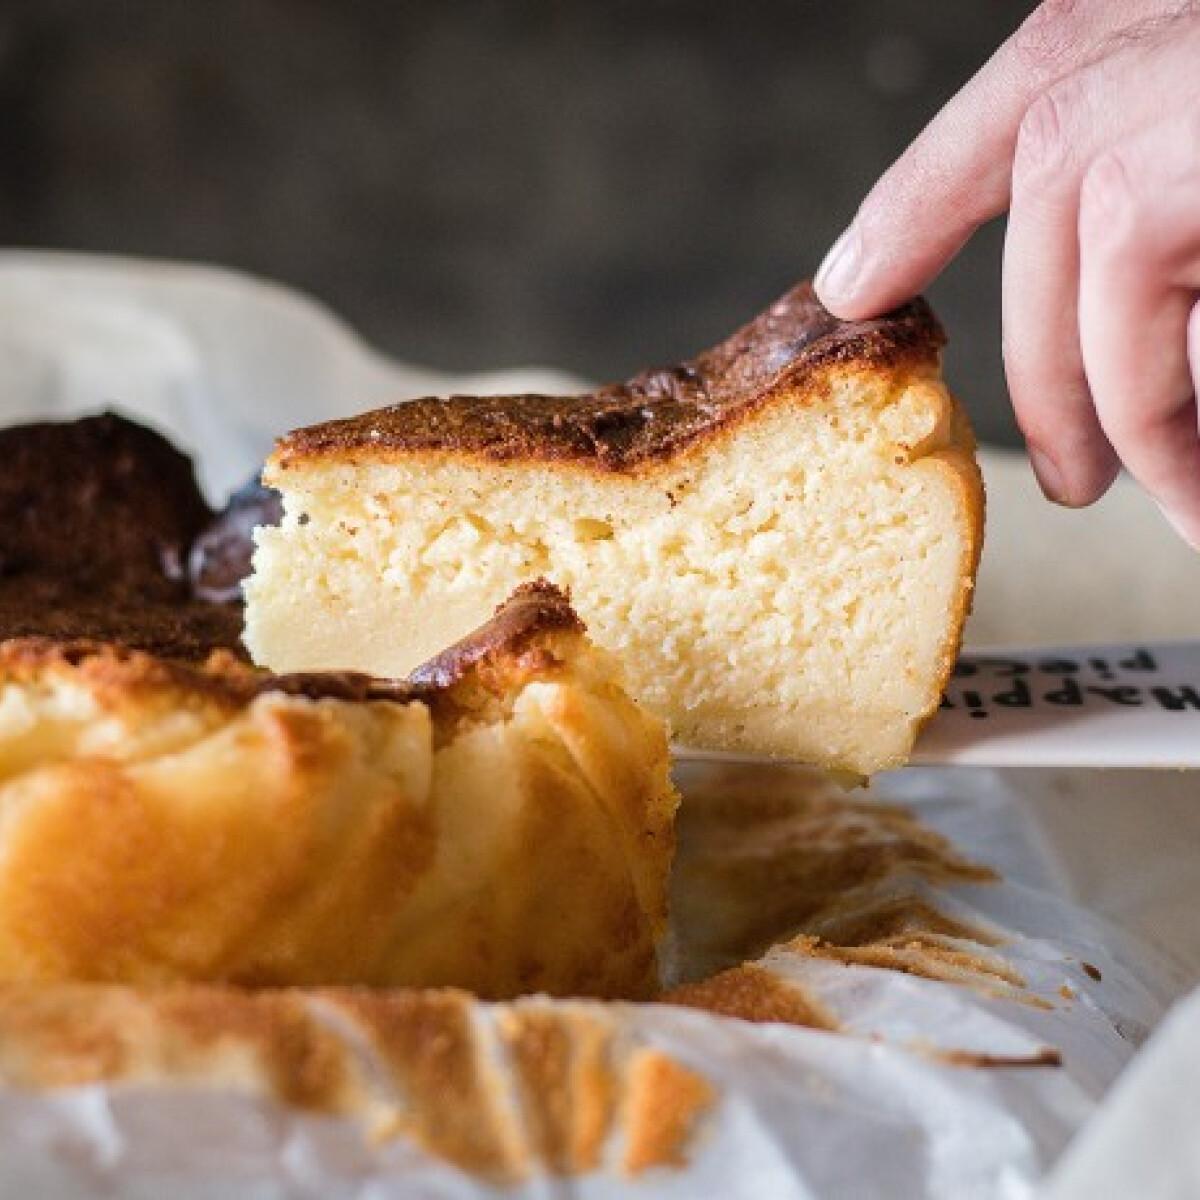 Itt a baszk sajttorta, ami krémes, nincs tésztája, és nagyon könnyű elkészíteni!